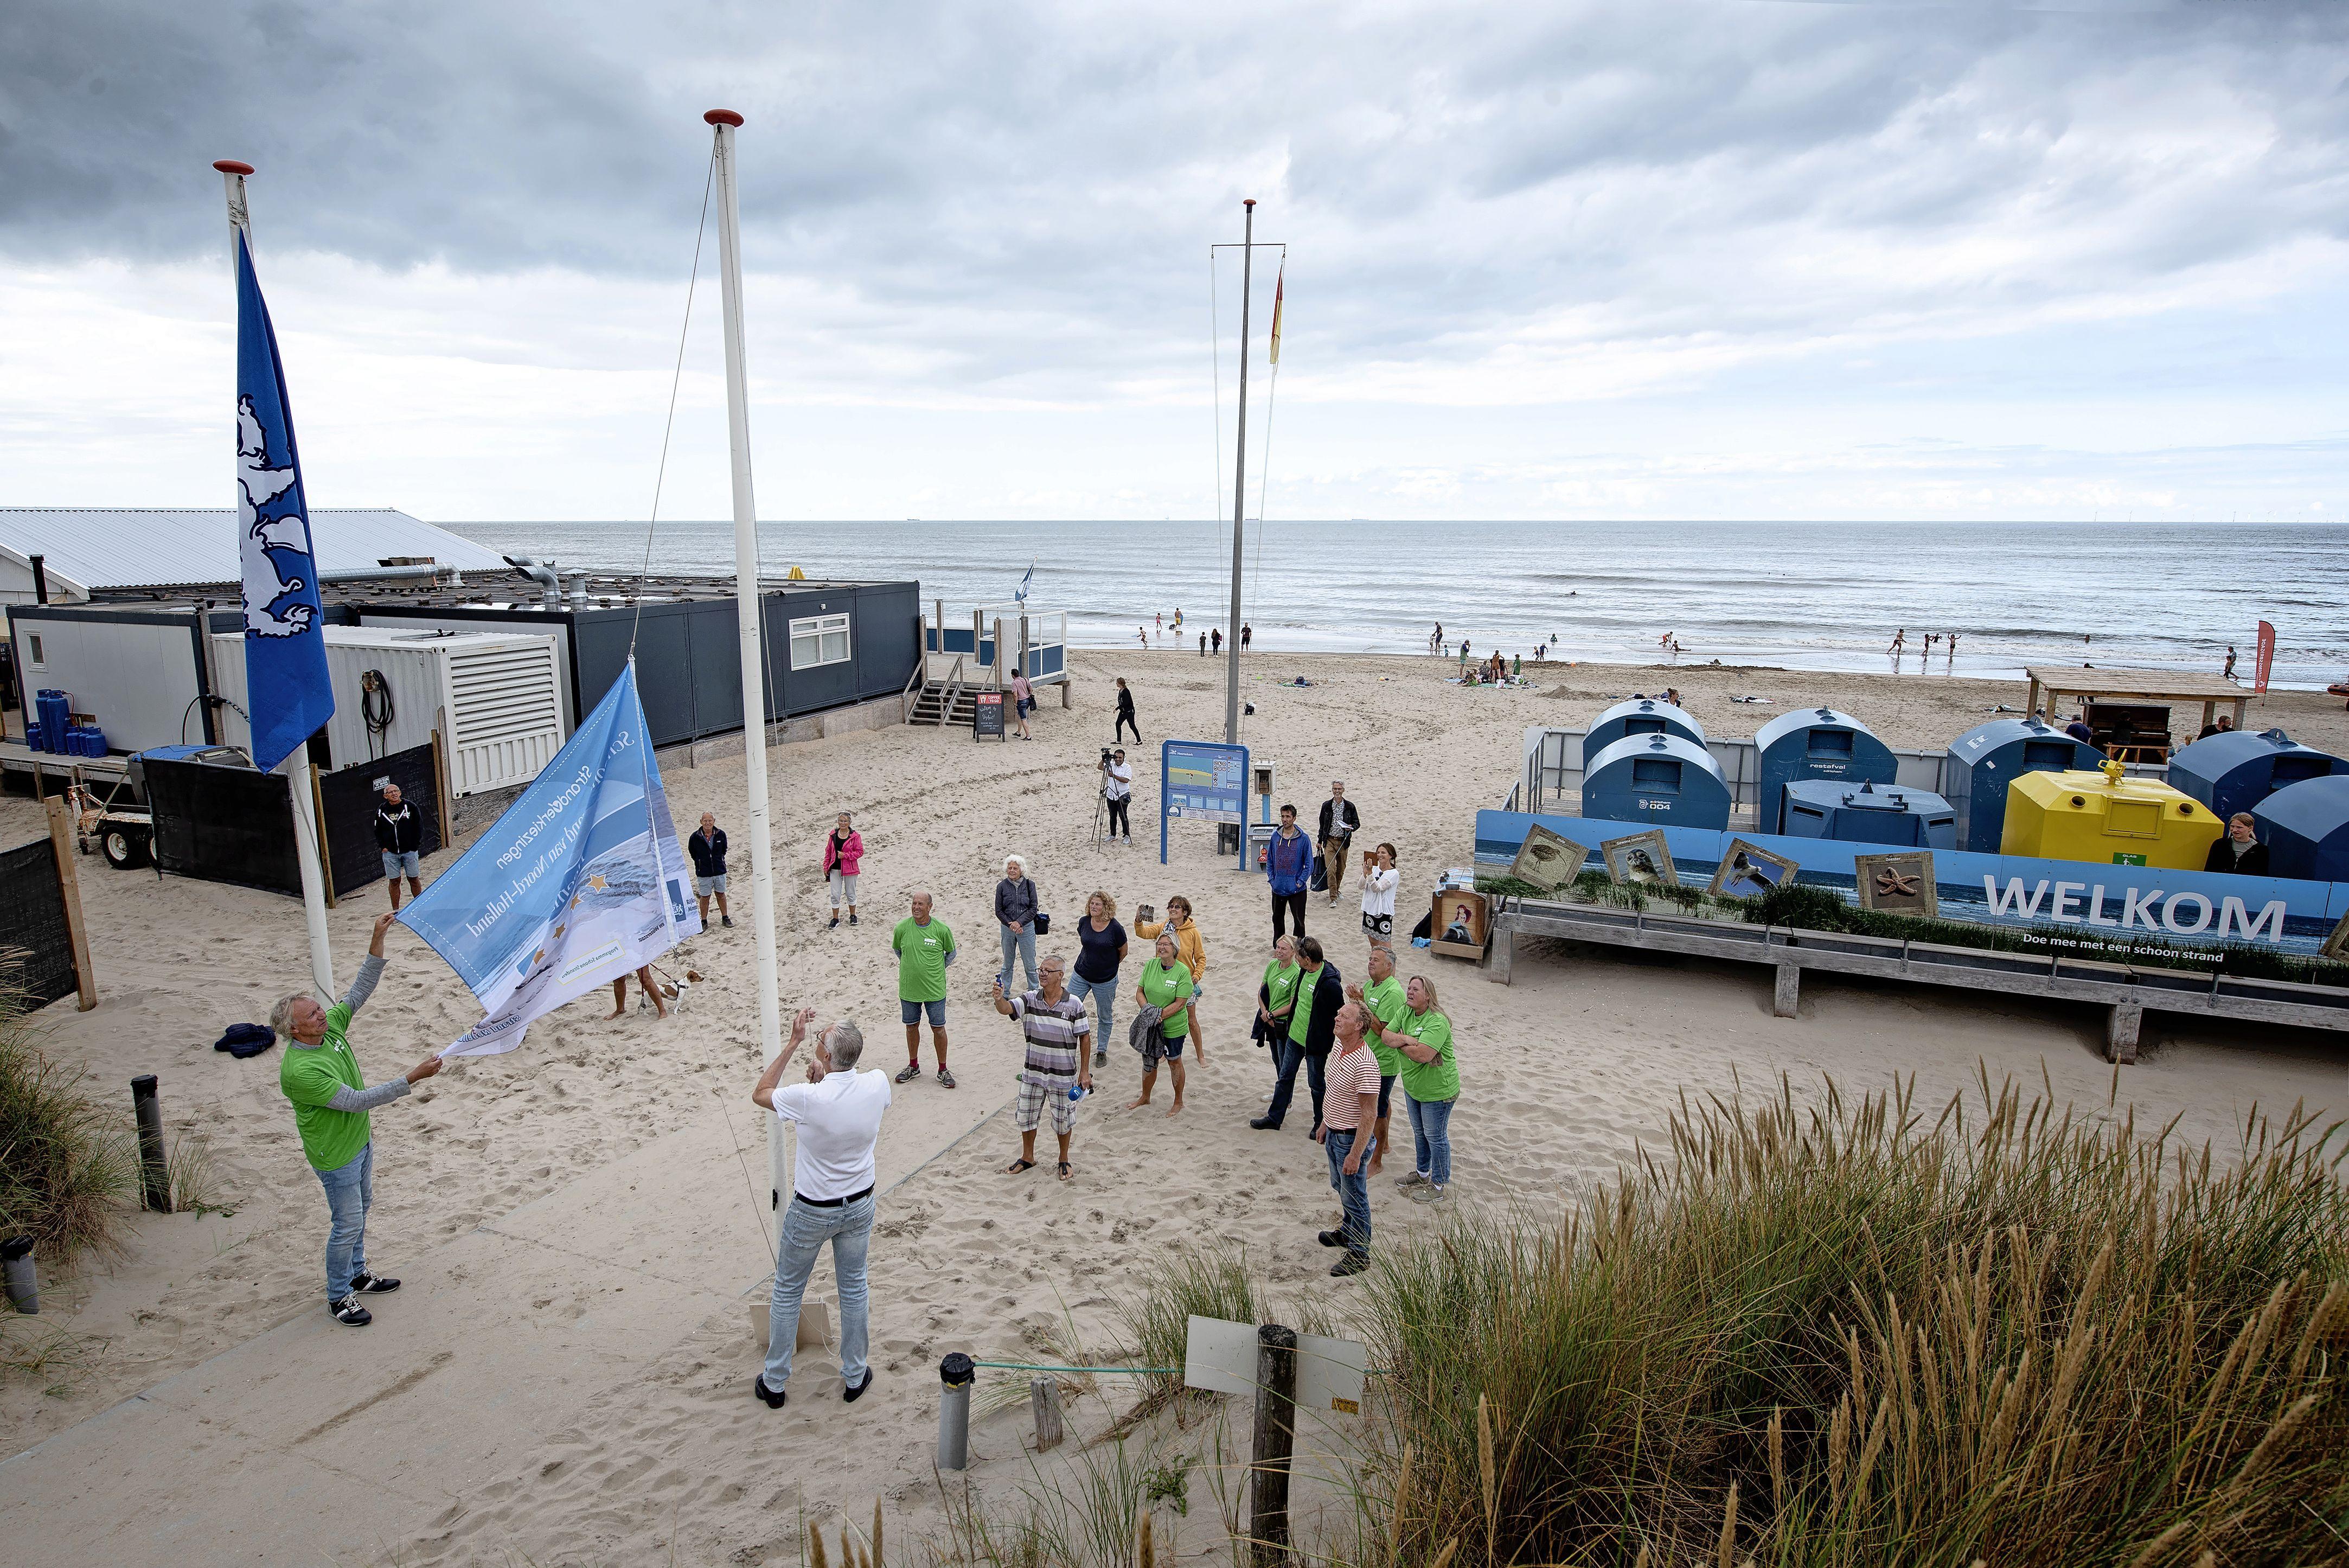 Stroomkabel naar strand Heemskerk stap dichterbij, hoop dat in 2023 diesel verdwijnt